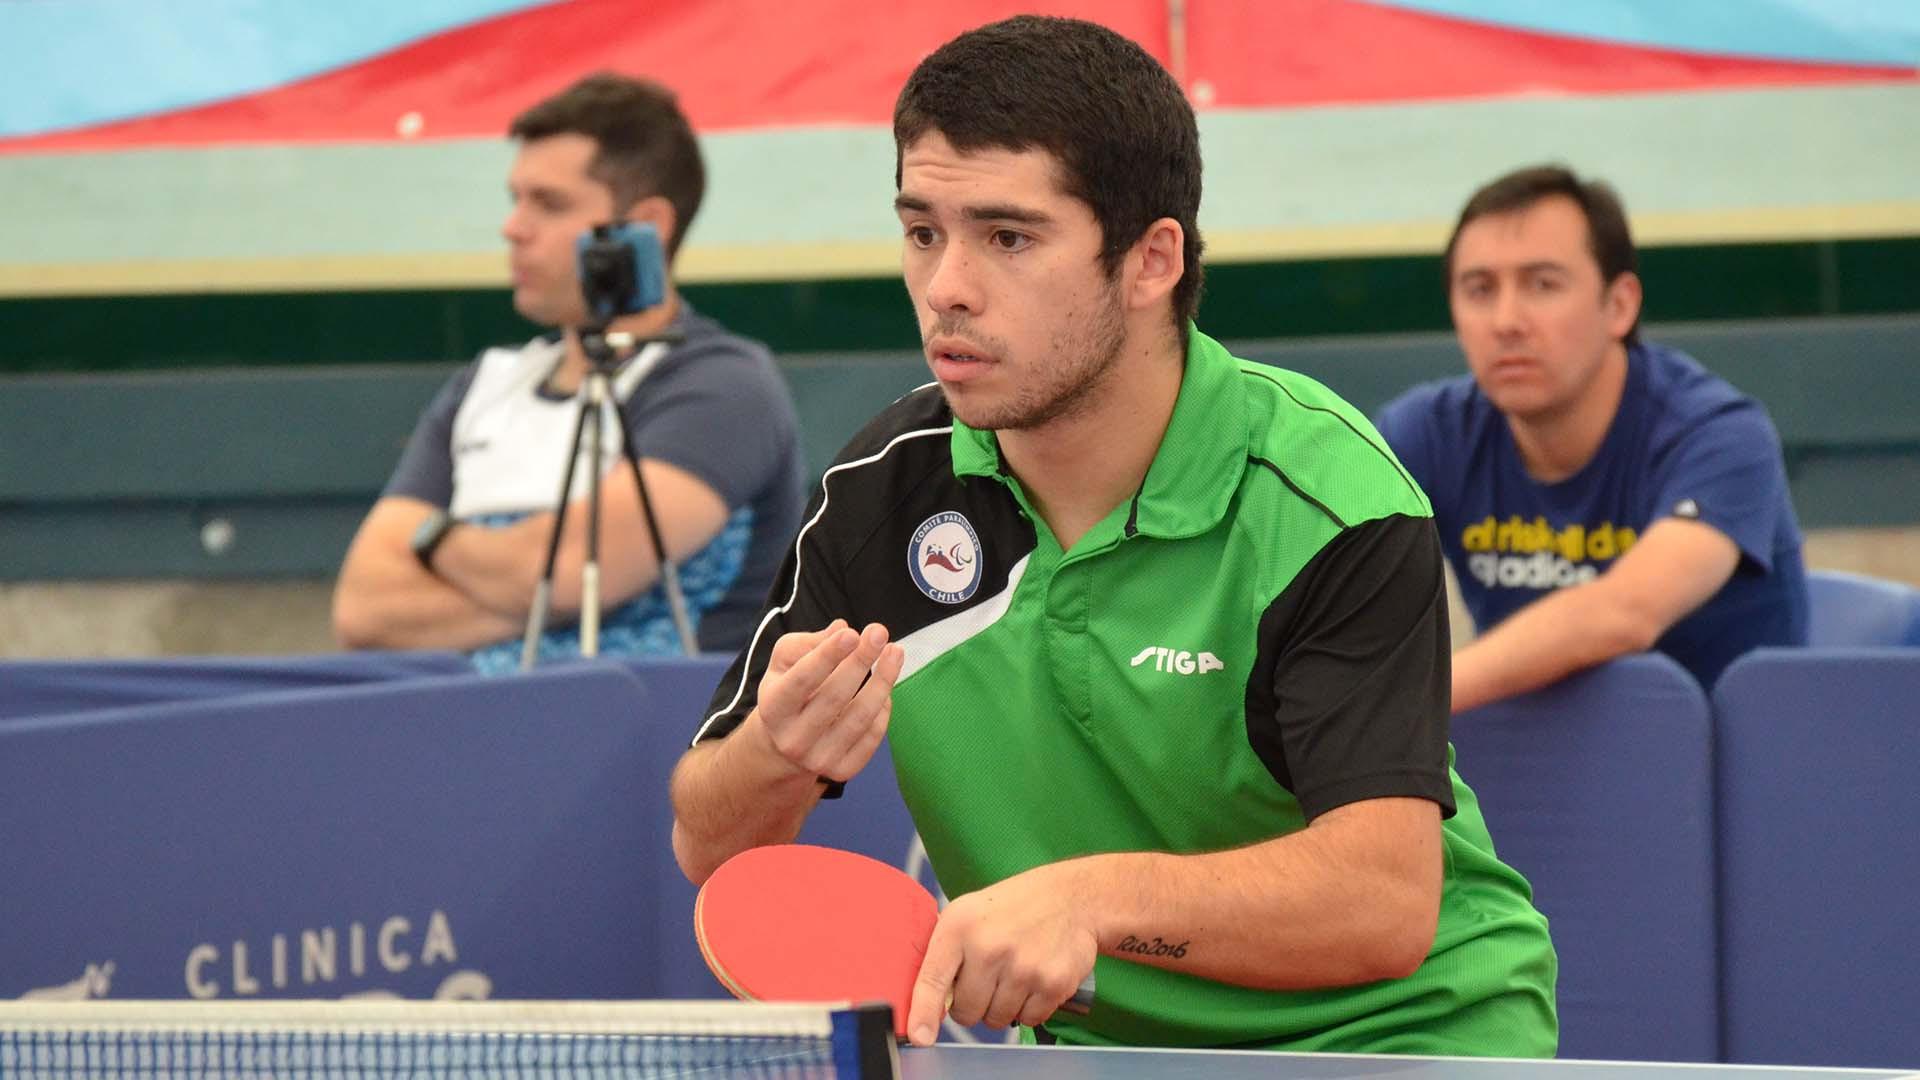 Matias Pino had won gold at the Lima 2019 Parapan American Games ©ITTF